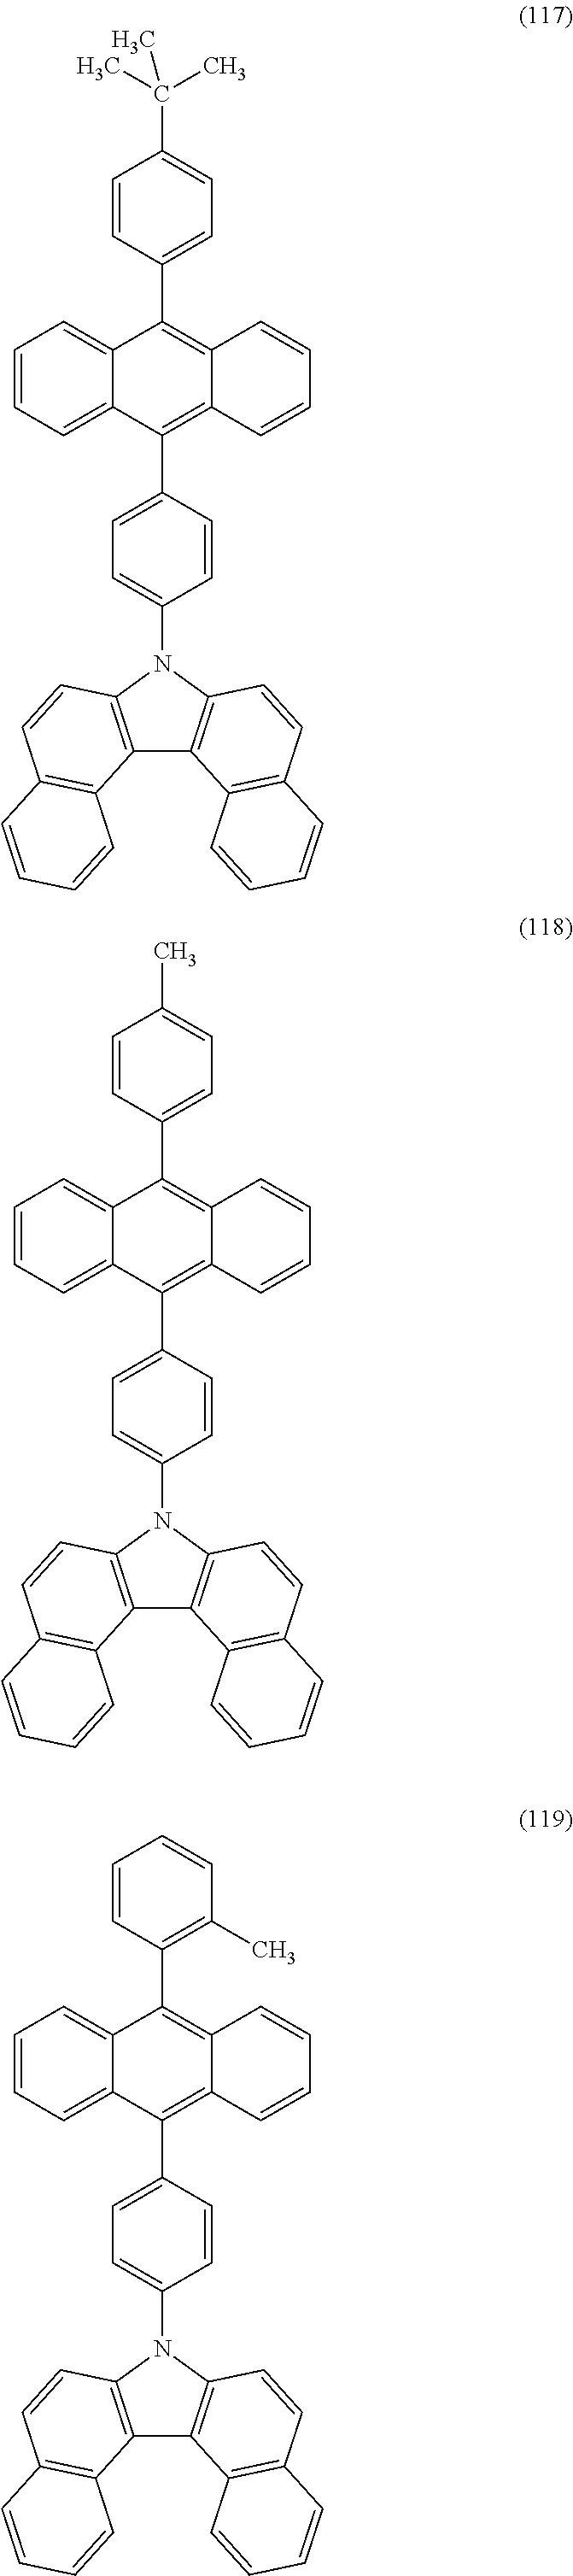 Figure US20130020561A1-20130124-C00049